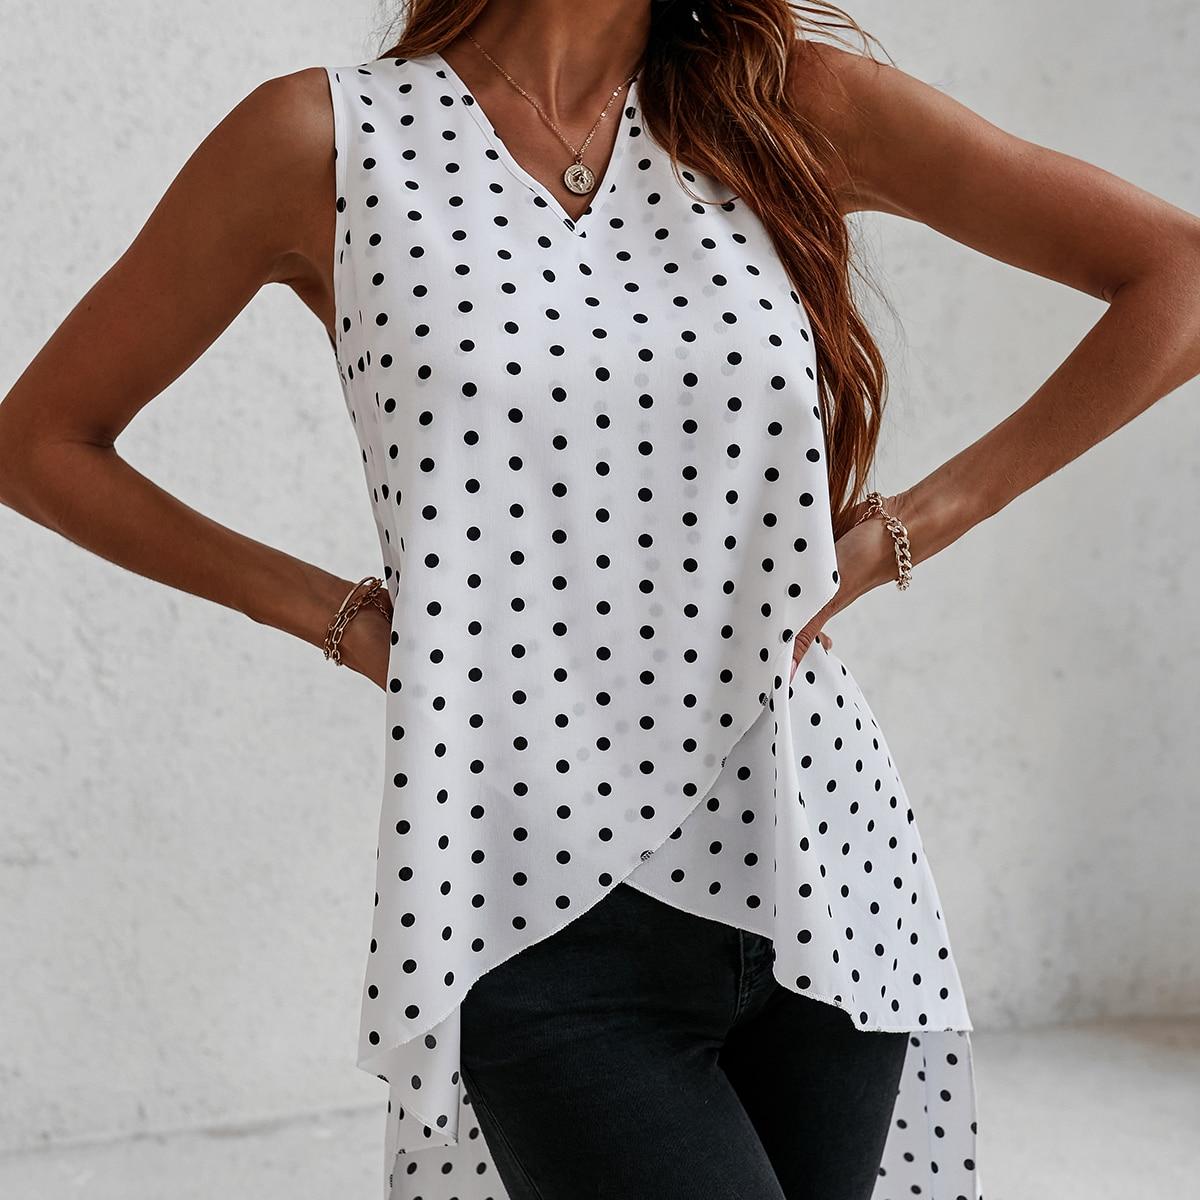 Блуза без рукавов в горошек асимметричный SheIn swblouse23210429774